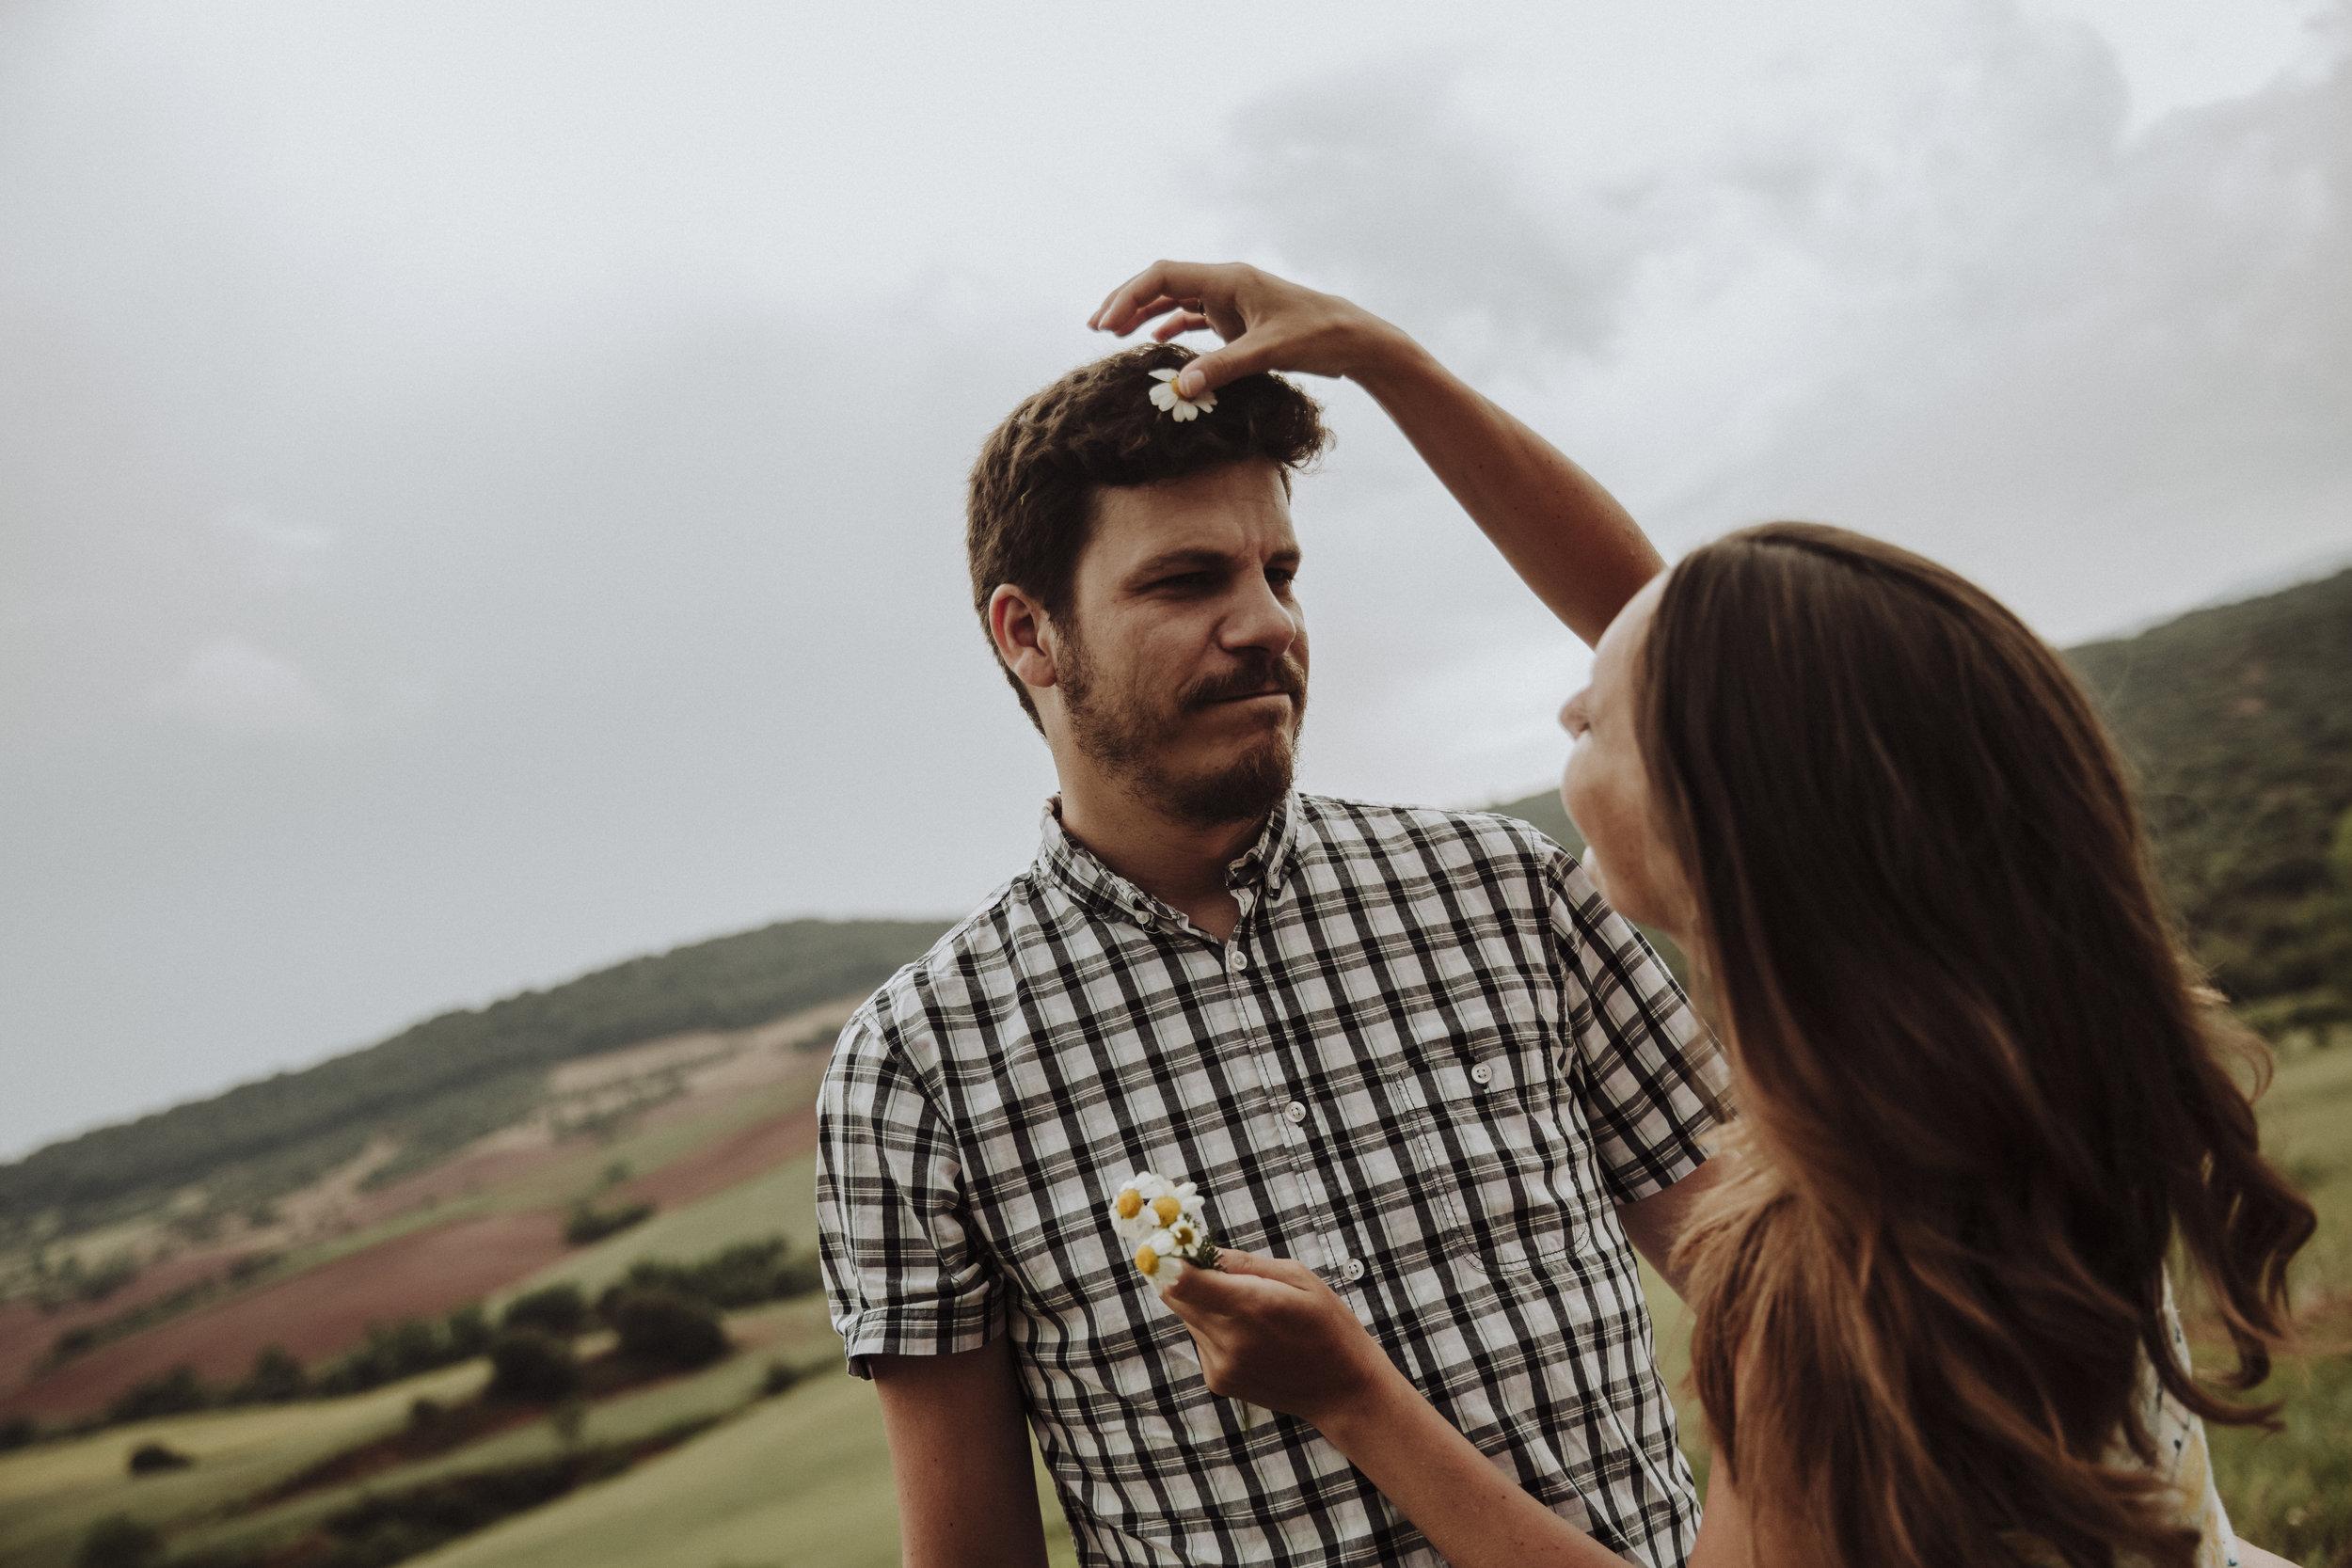 08_preboda_aragon_zaragoza_fotografia_bodas_jose_reyes_teruel_daroca_sesion_pareja.jpg